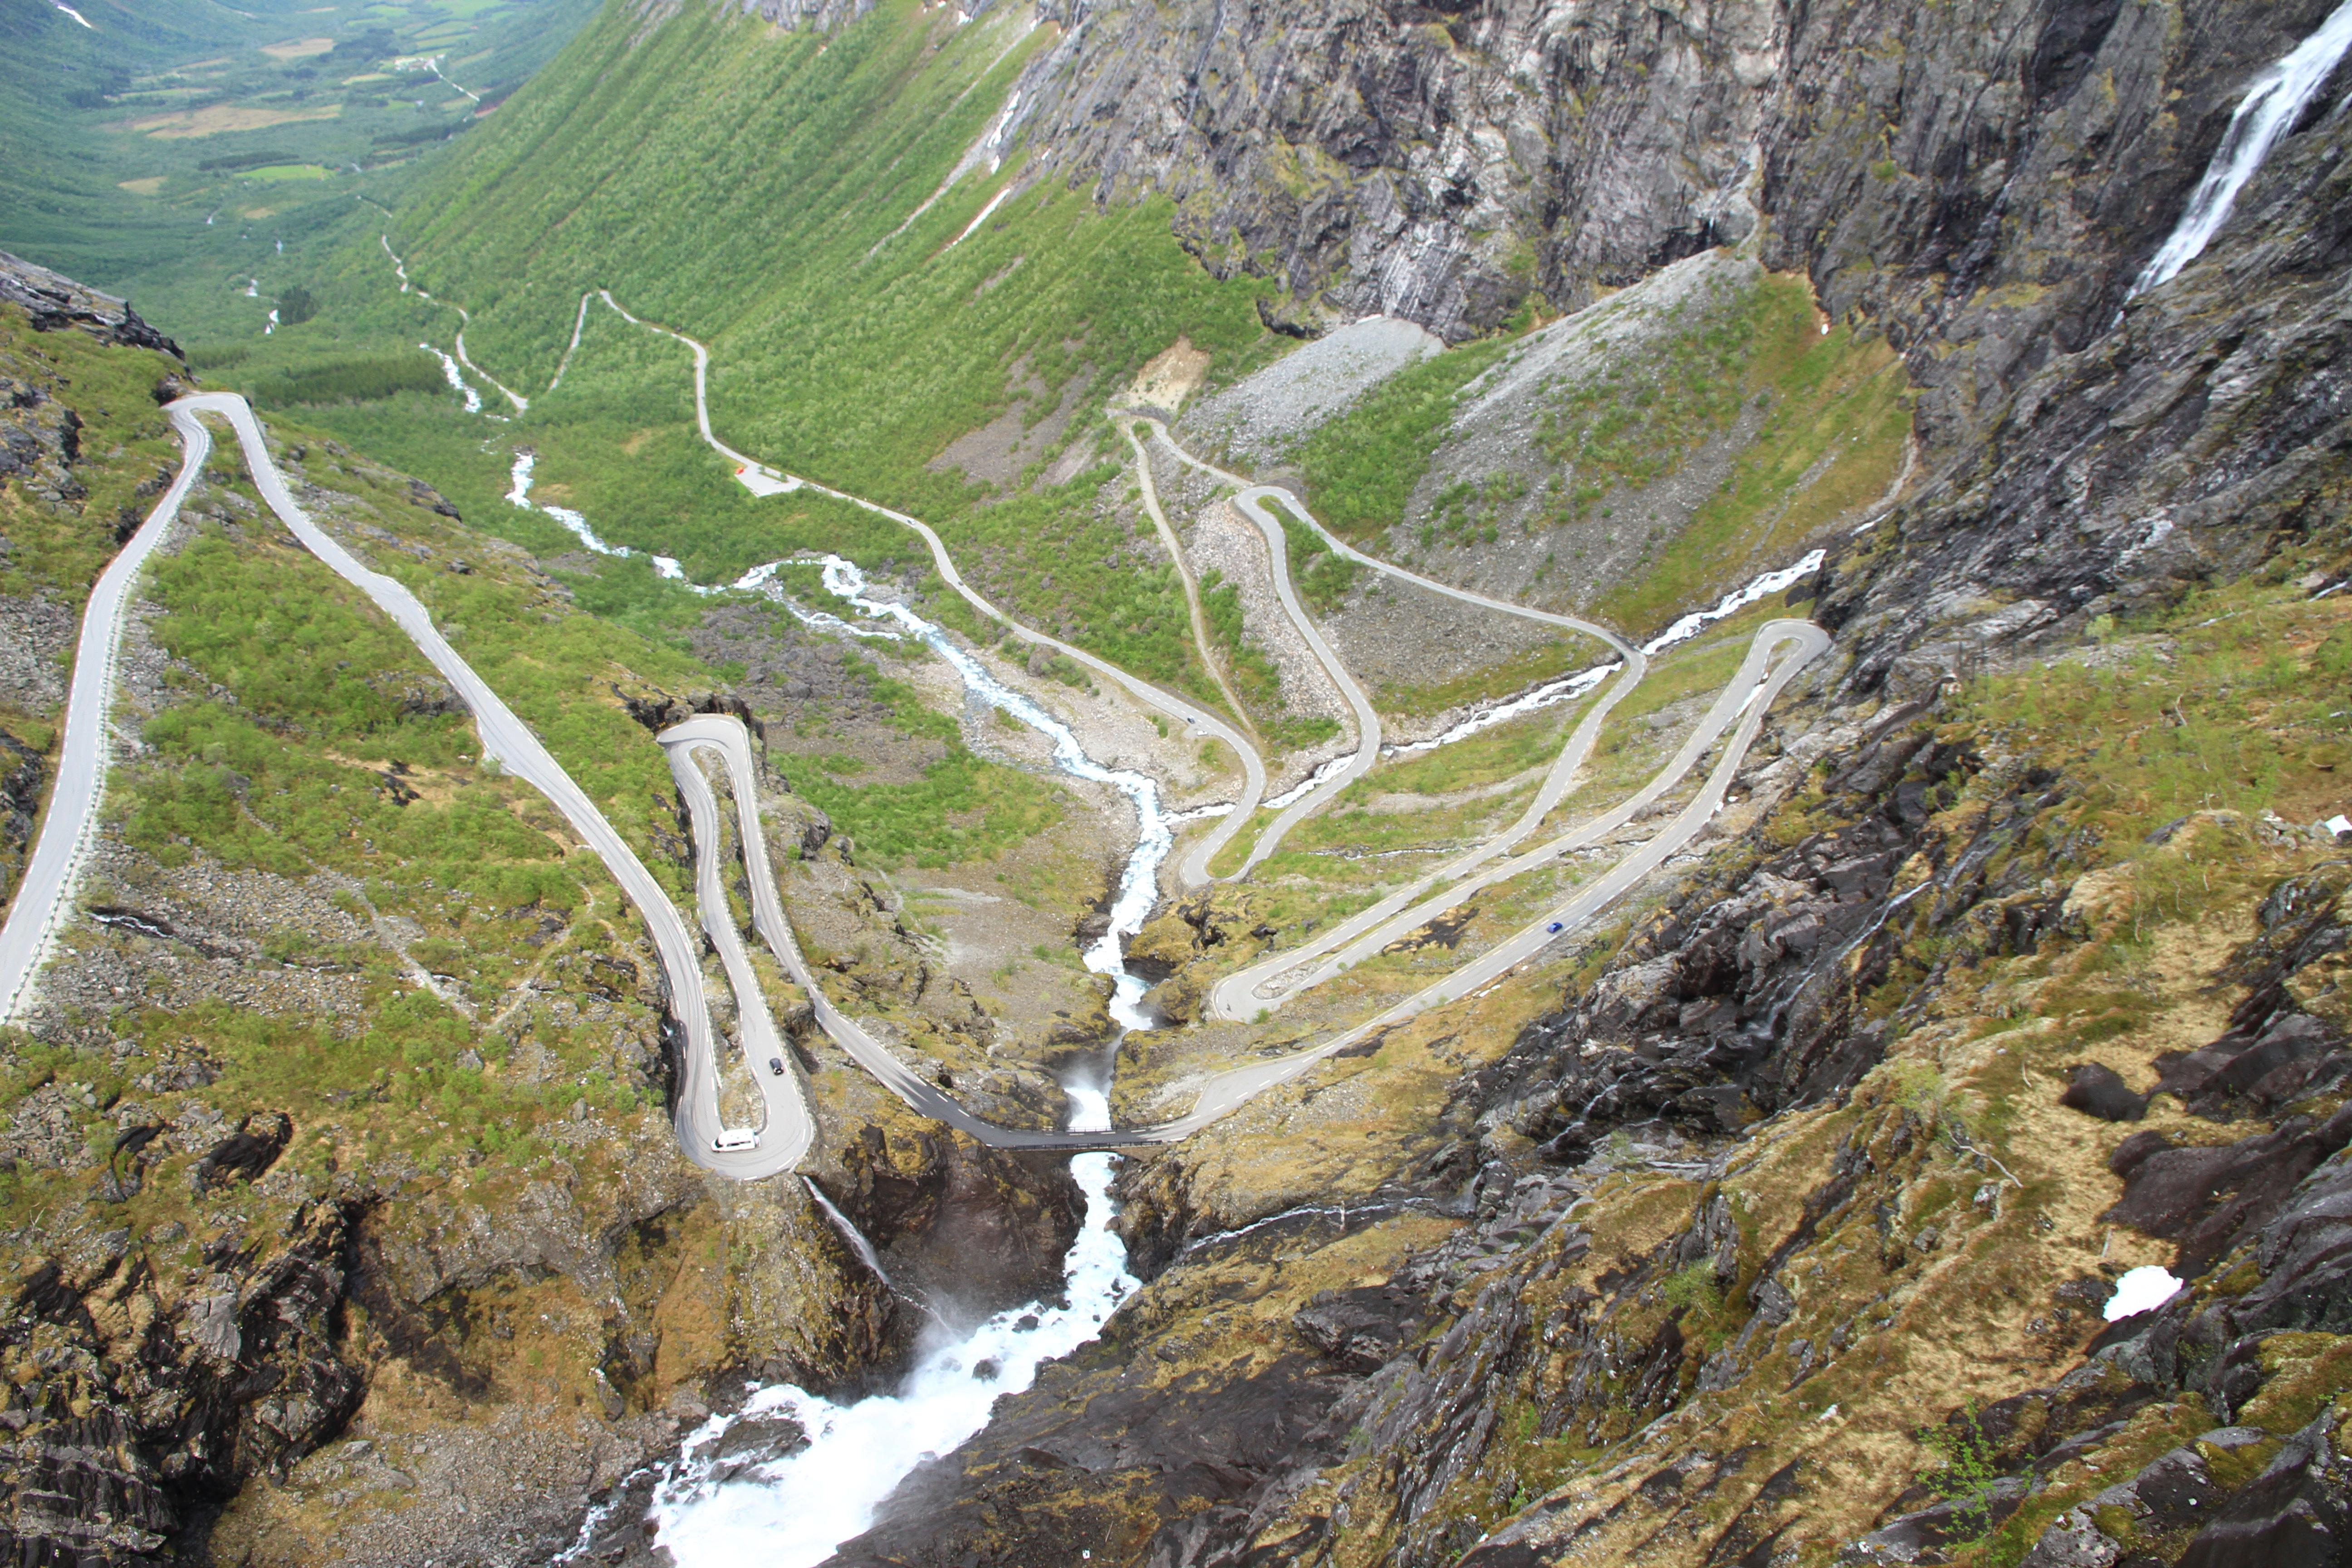 86、挪威:精灵之路--挪威最绝美壮观的公路之一